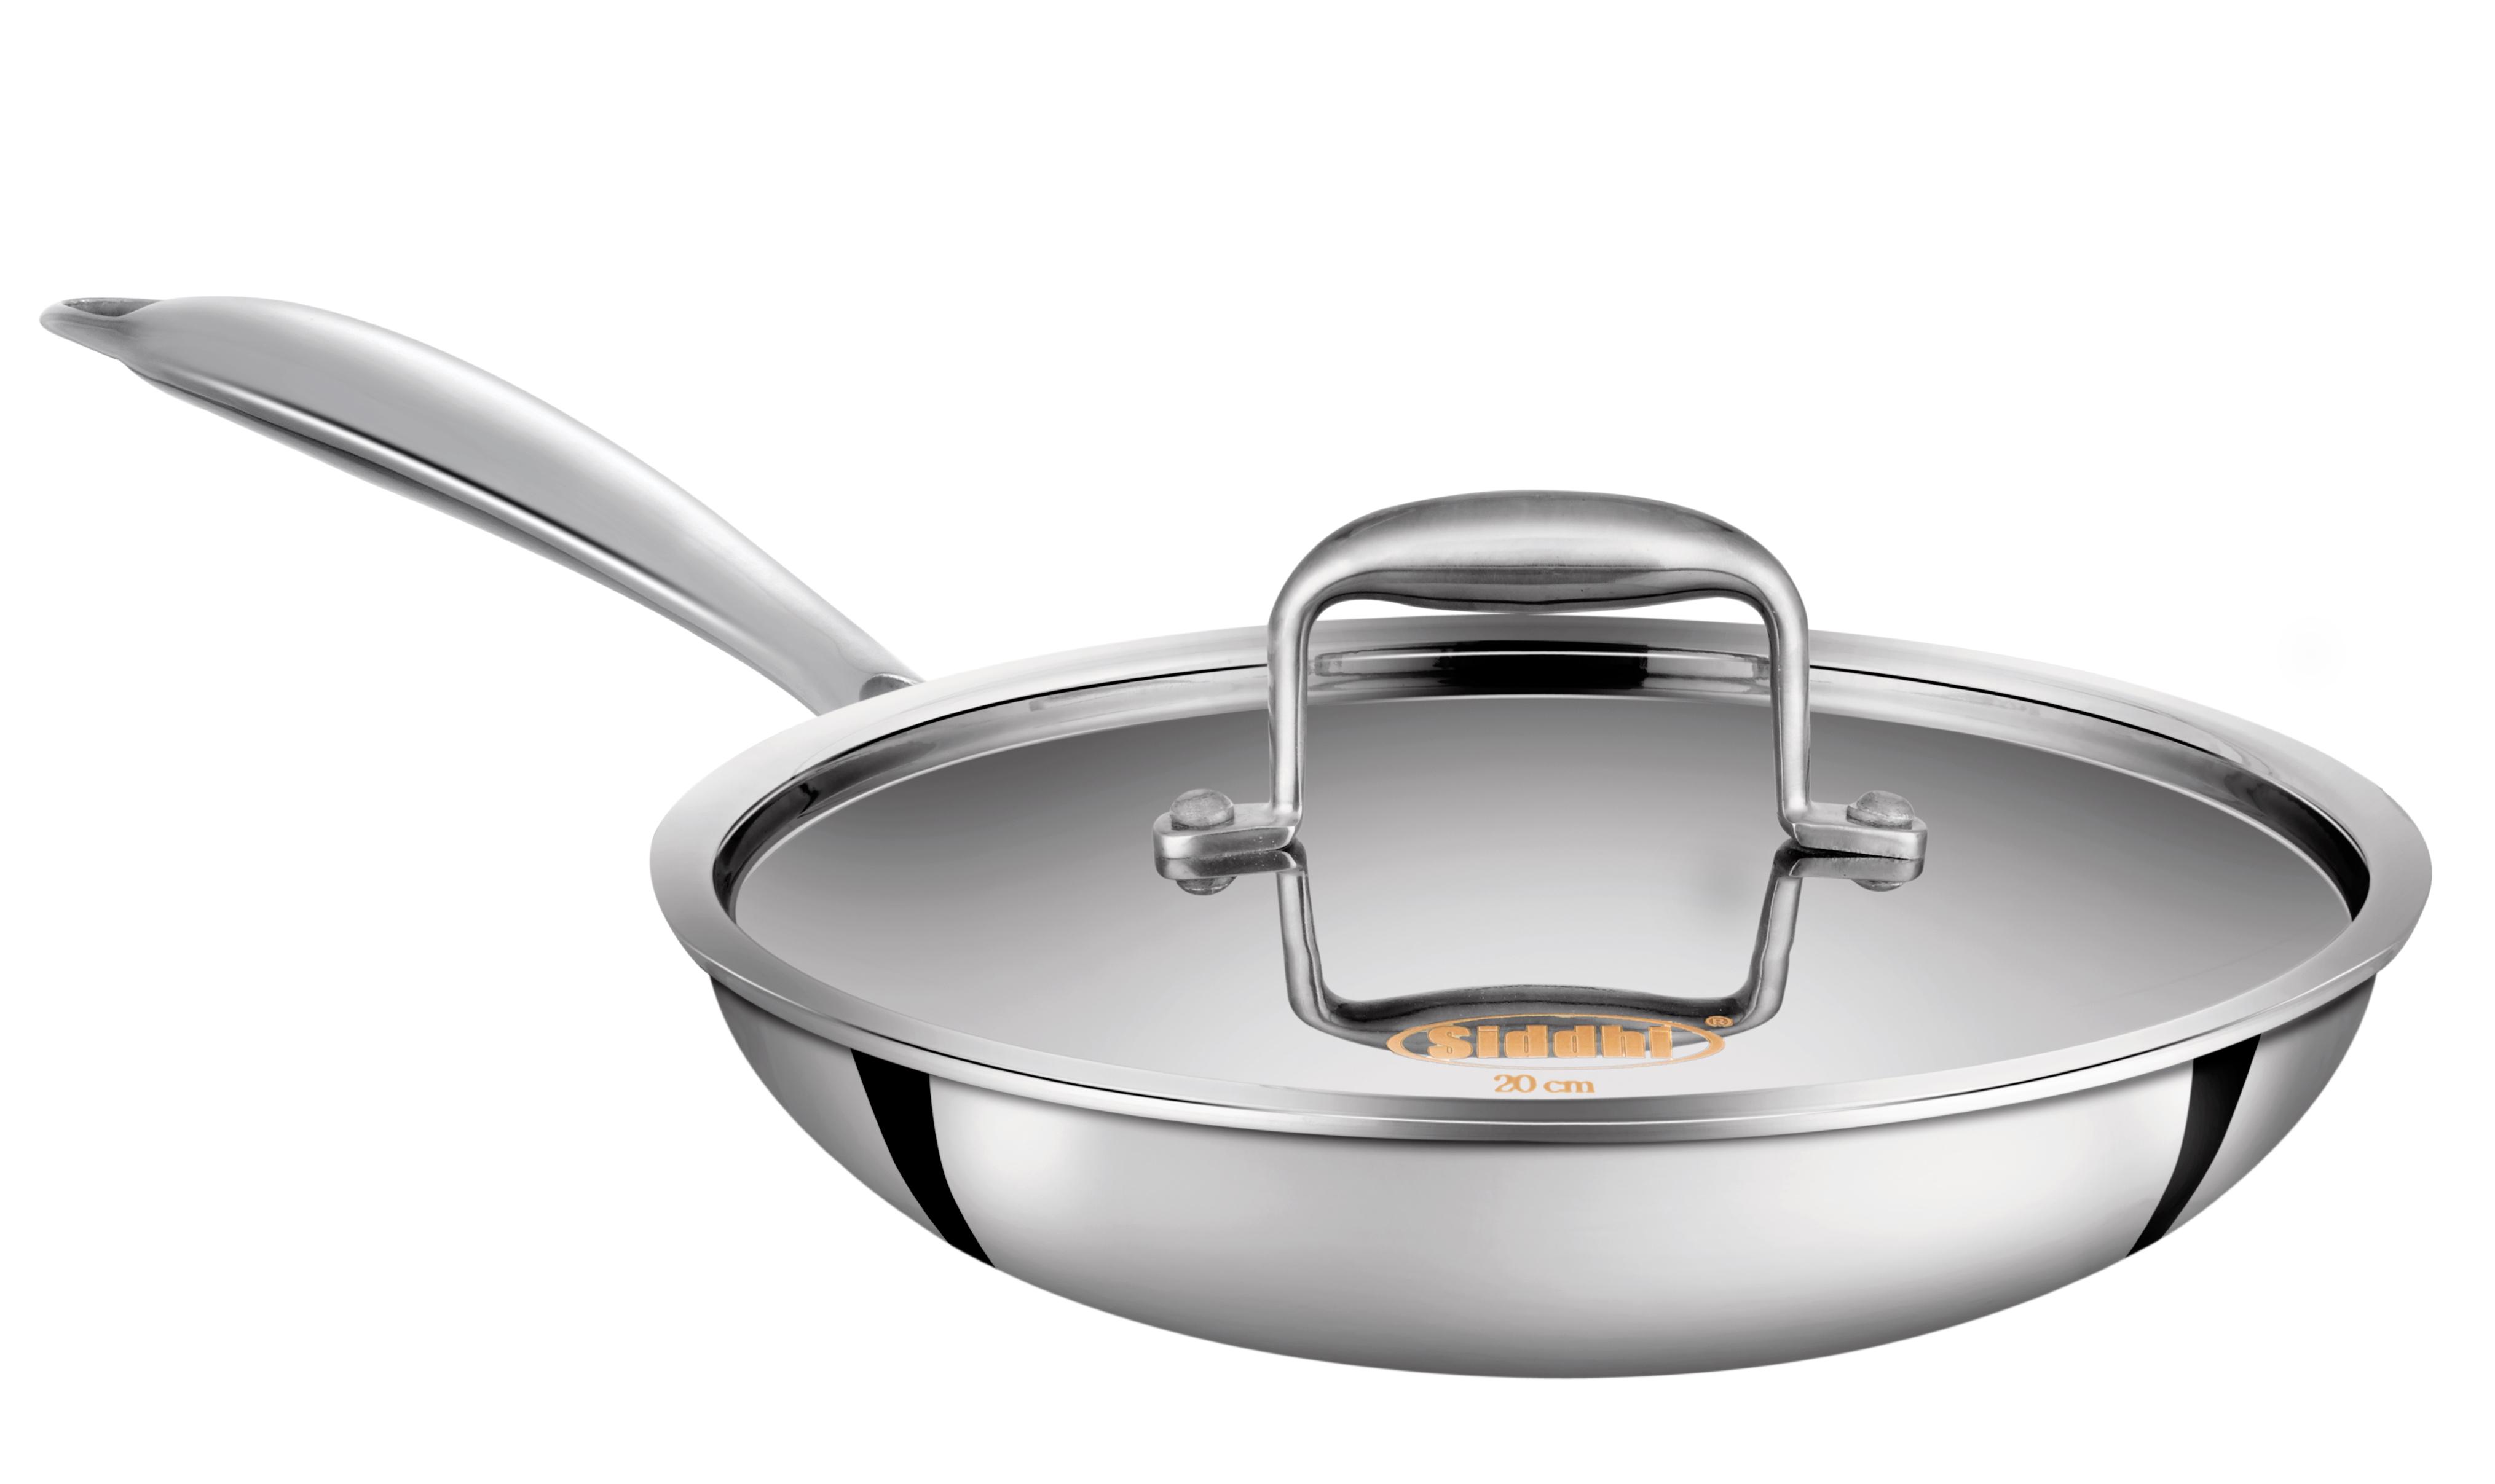 Tri-ply Fry Pan